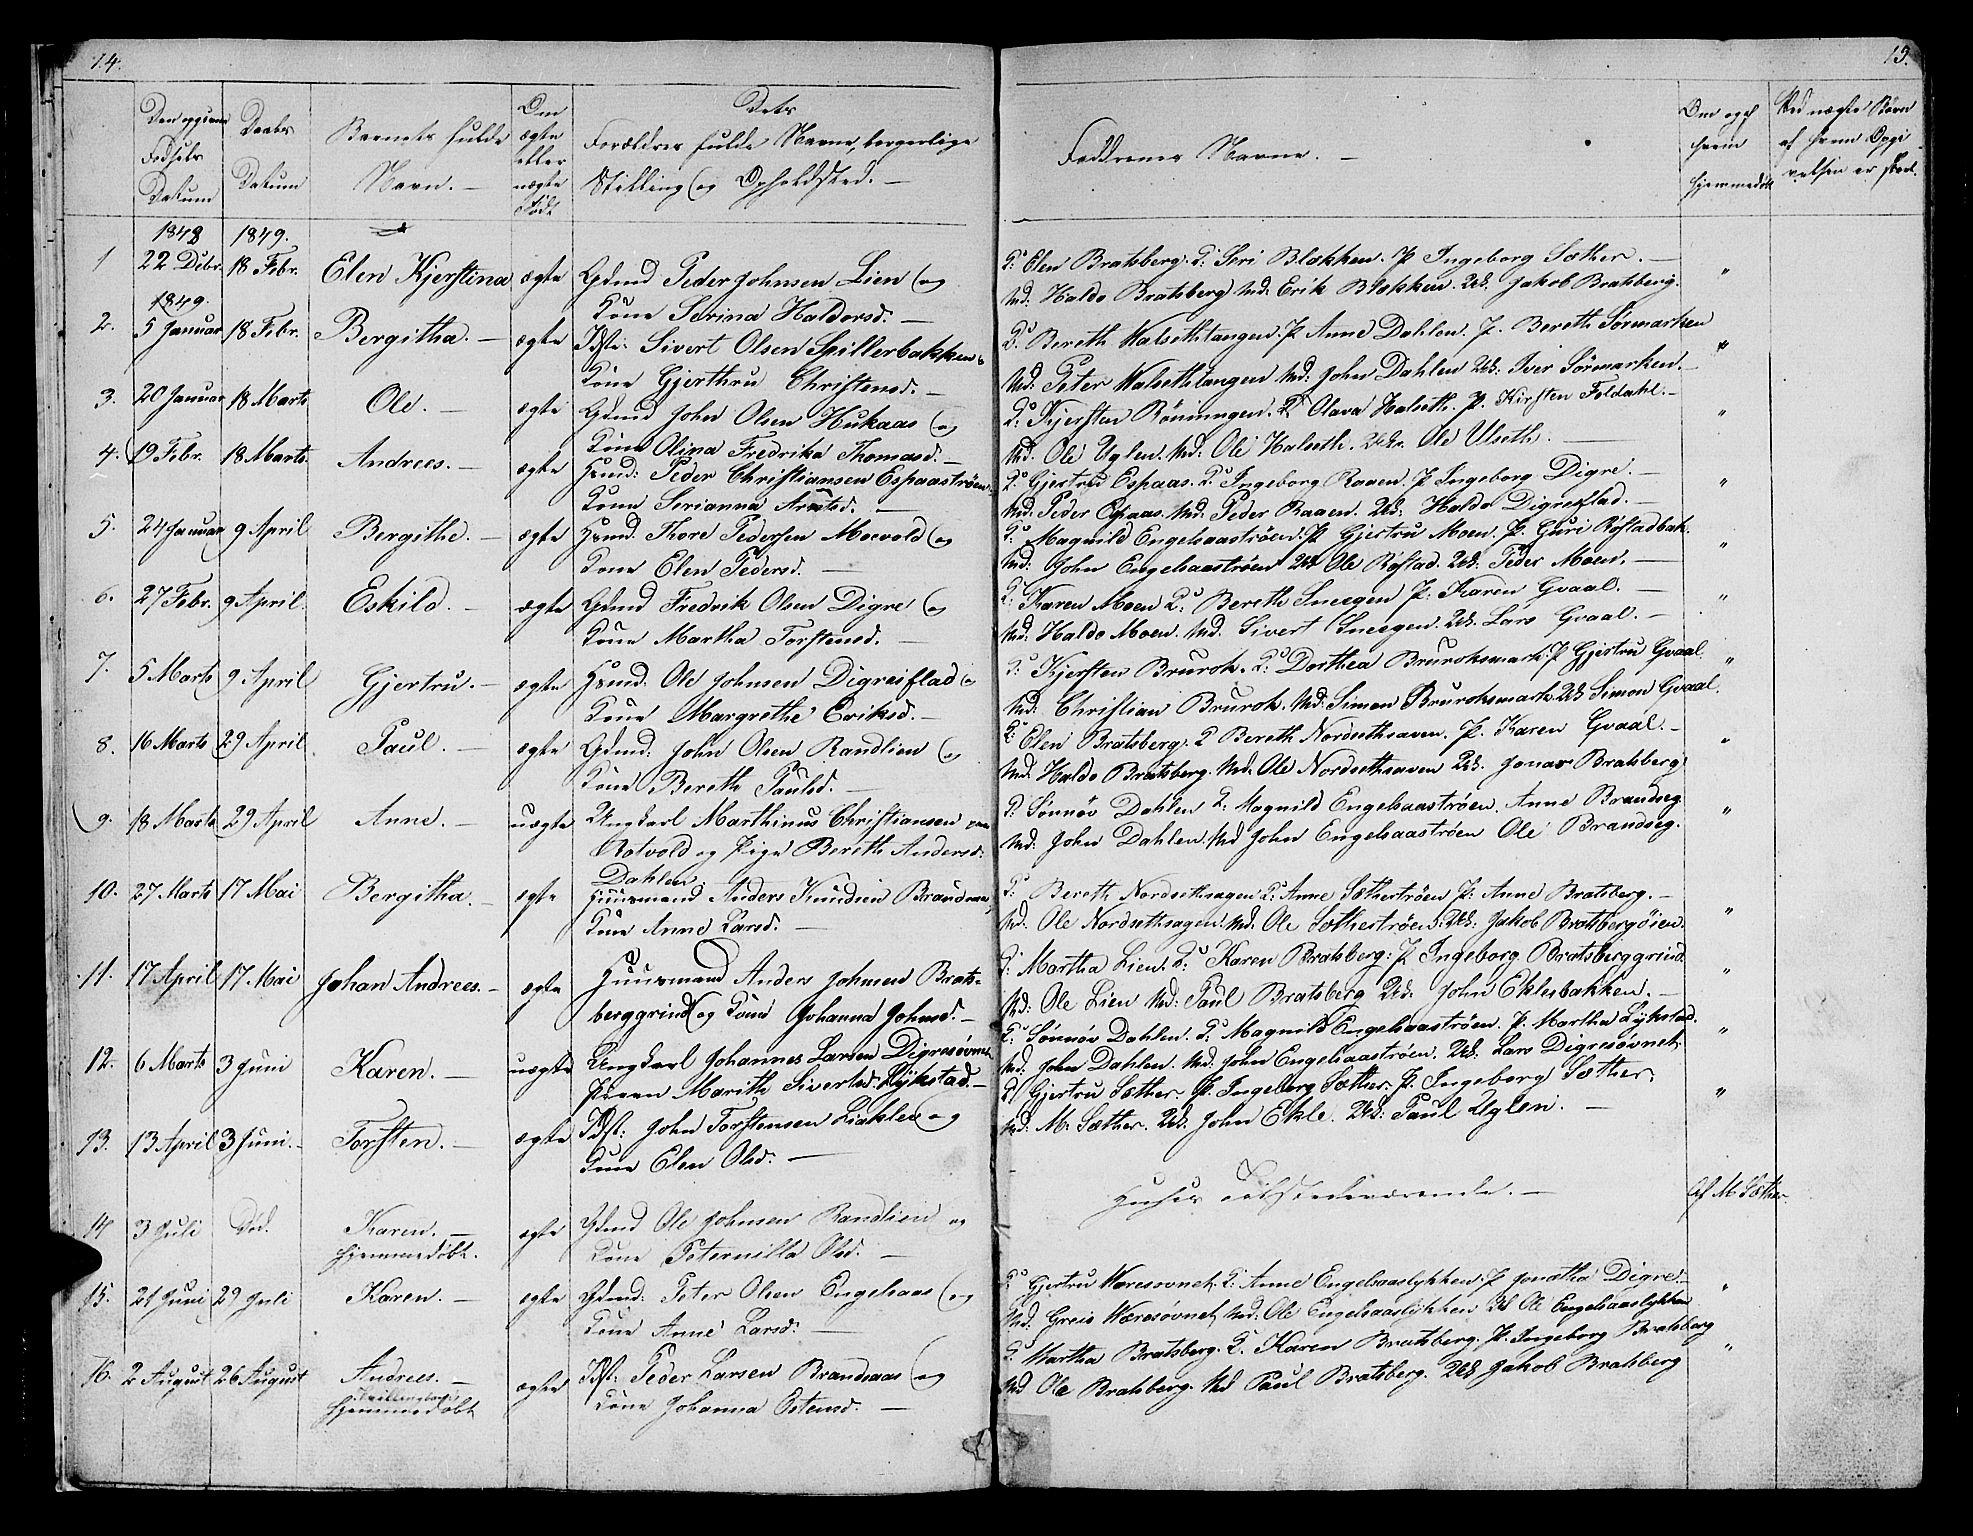 SAT, Ministerialprotokoller, klokkerbøker og fødselsregistre - Sør-Trøndelag, 608/L0339: Klokkerbok nr. 608C05, 1844-1863, s. 14-15